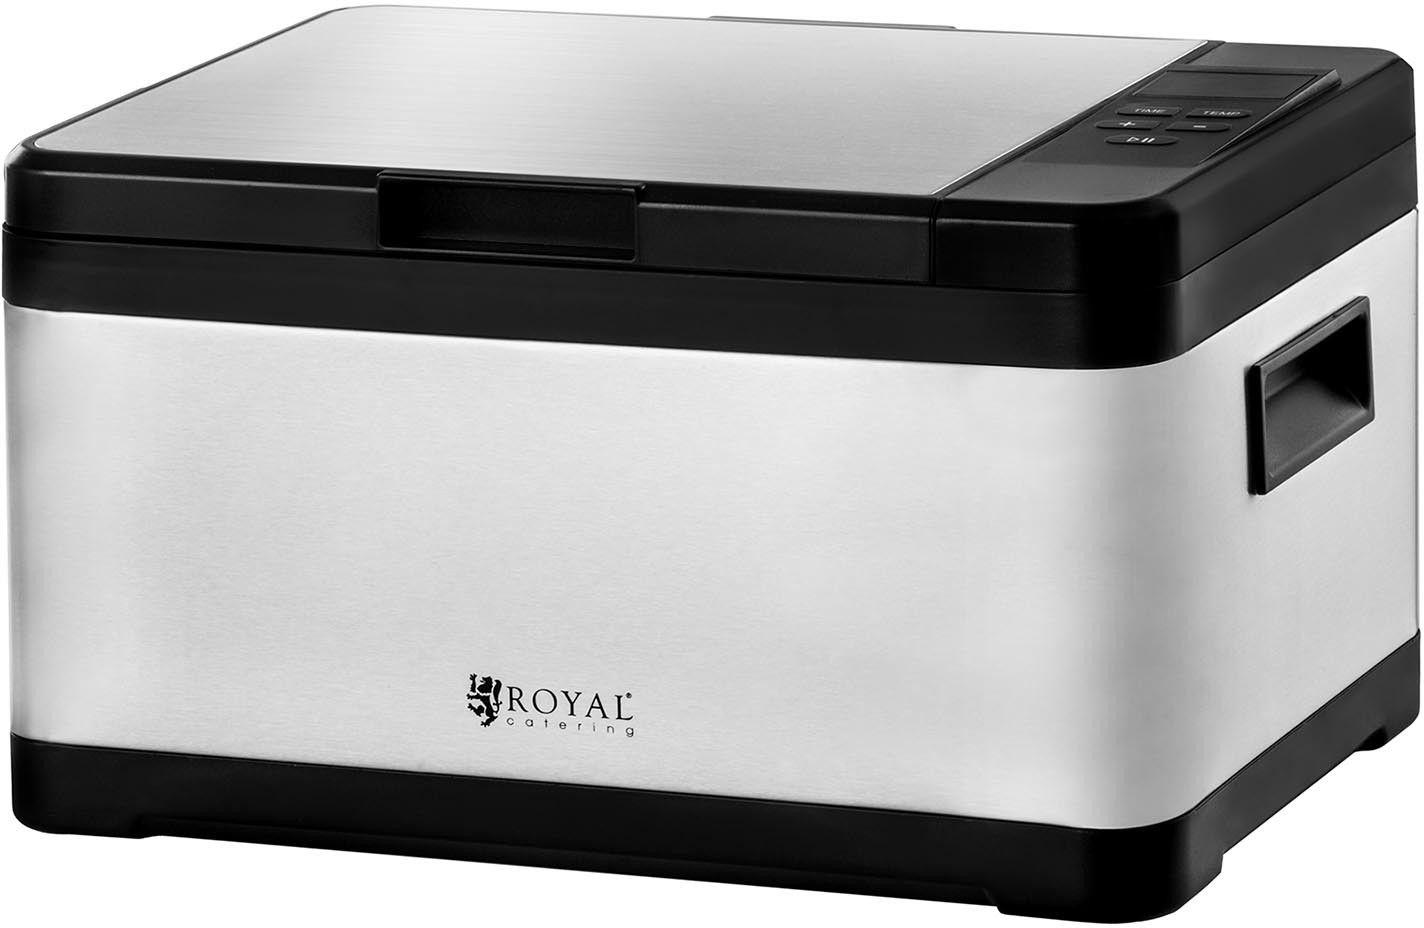 Zestaw Urządzenie do gotowania sous vide + Pakowarka próżniowa + Folia próżniowa - 4 rolki - Royal Catering - RCSV-SET1 - 3 lata gwarancji/wysyłka w